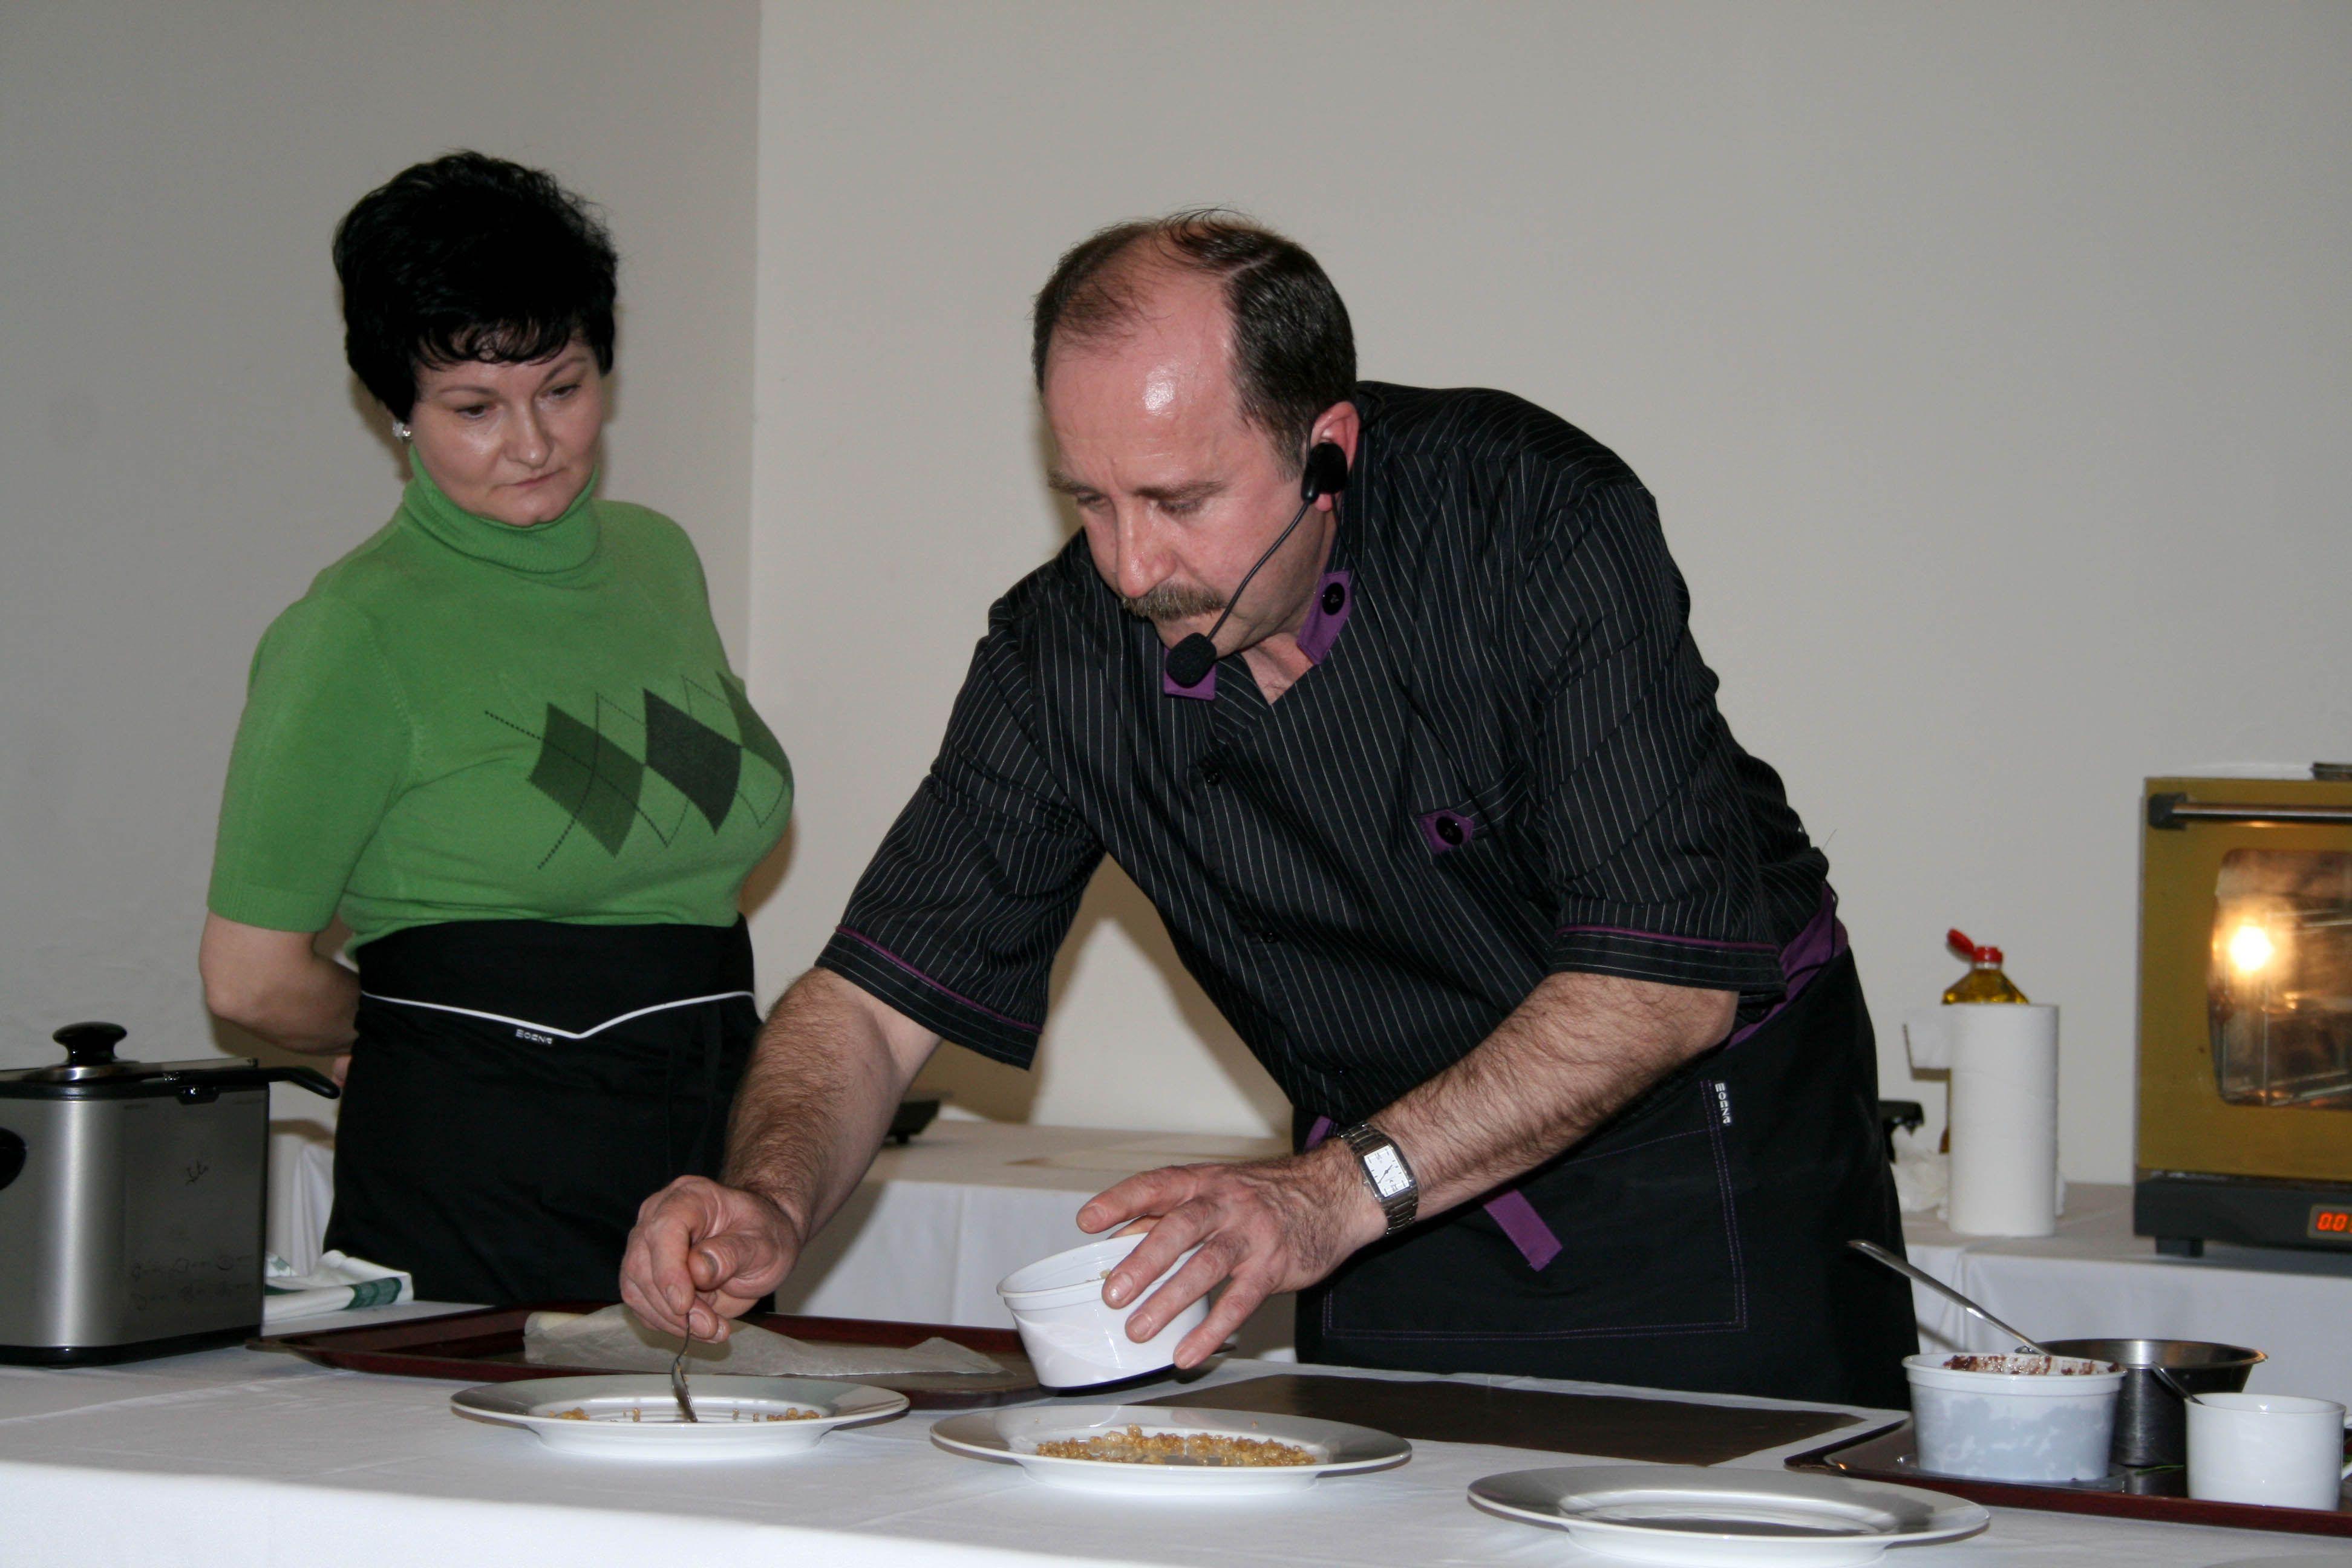 El Concurso de Pinchos Medievales se ha convertido en un clásico de la gastronomía adnamantina